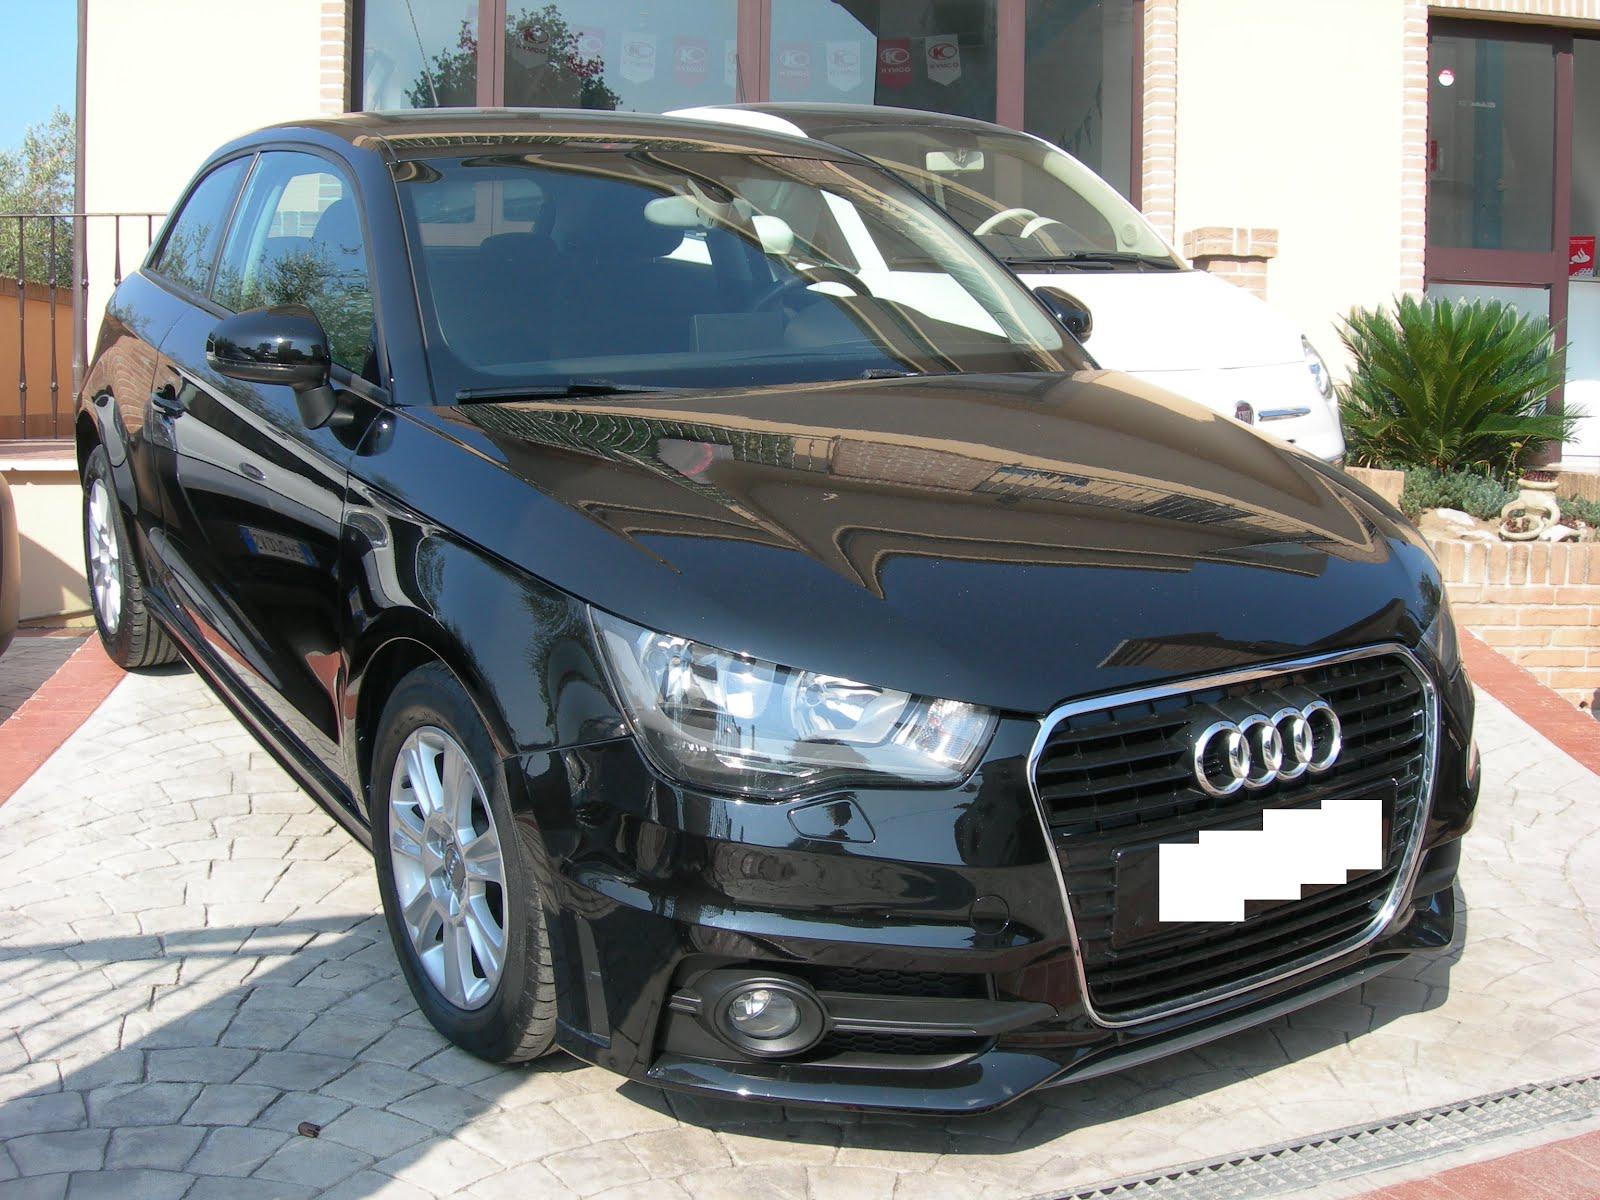 Audi A1 1.6 TDI 90 CV Super Accessoriata con navigatore Anno 2011 Cont.x prezzo